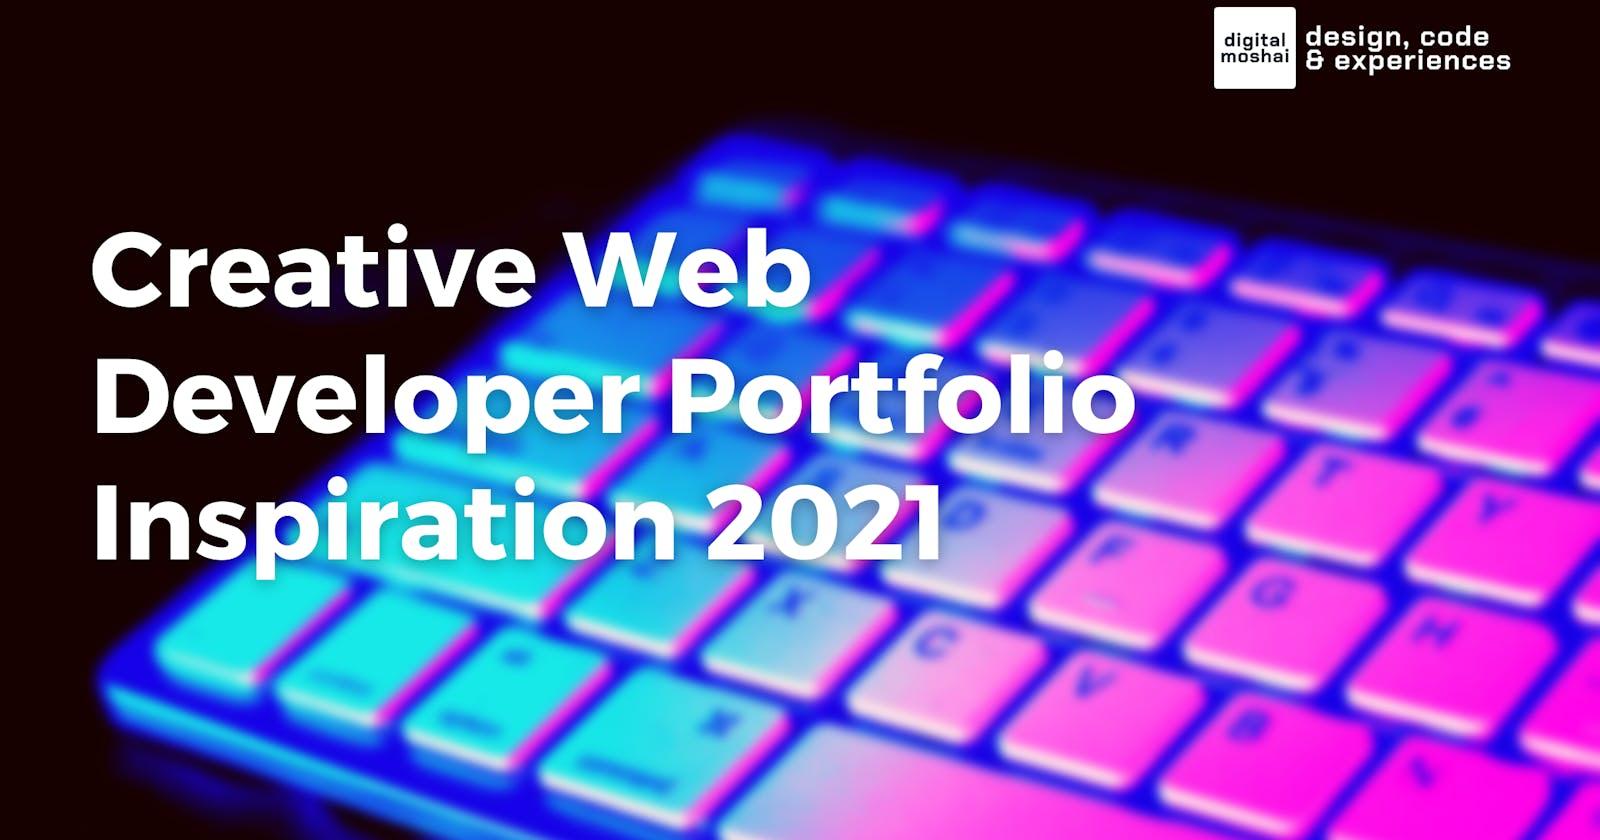 11+1 Creative Web Developer Portfolios for Inspiration - 2021